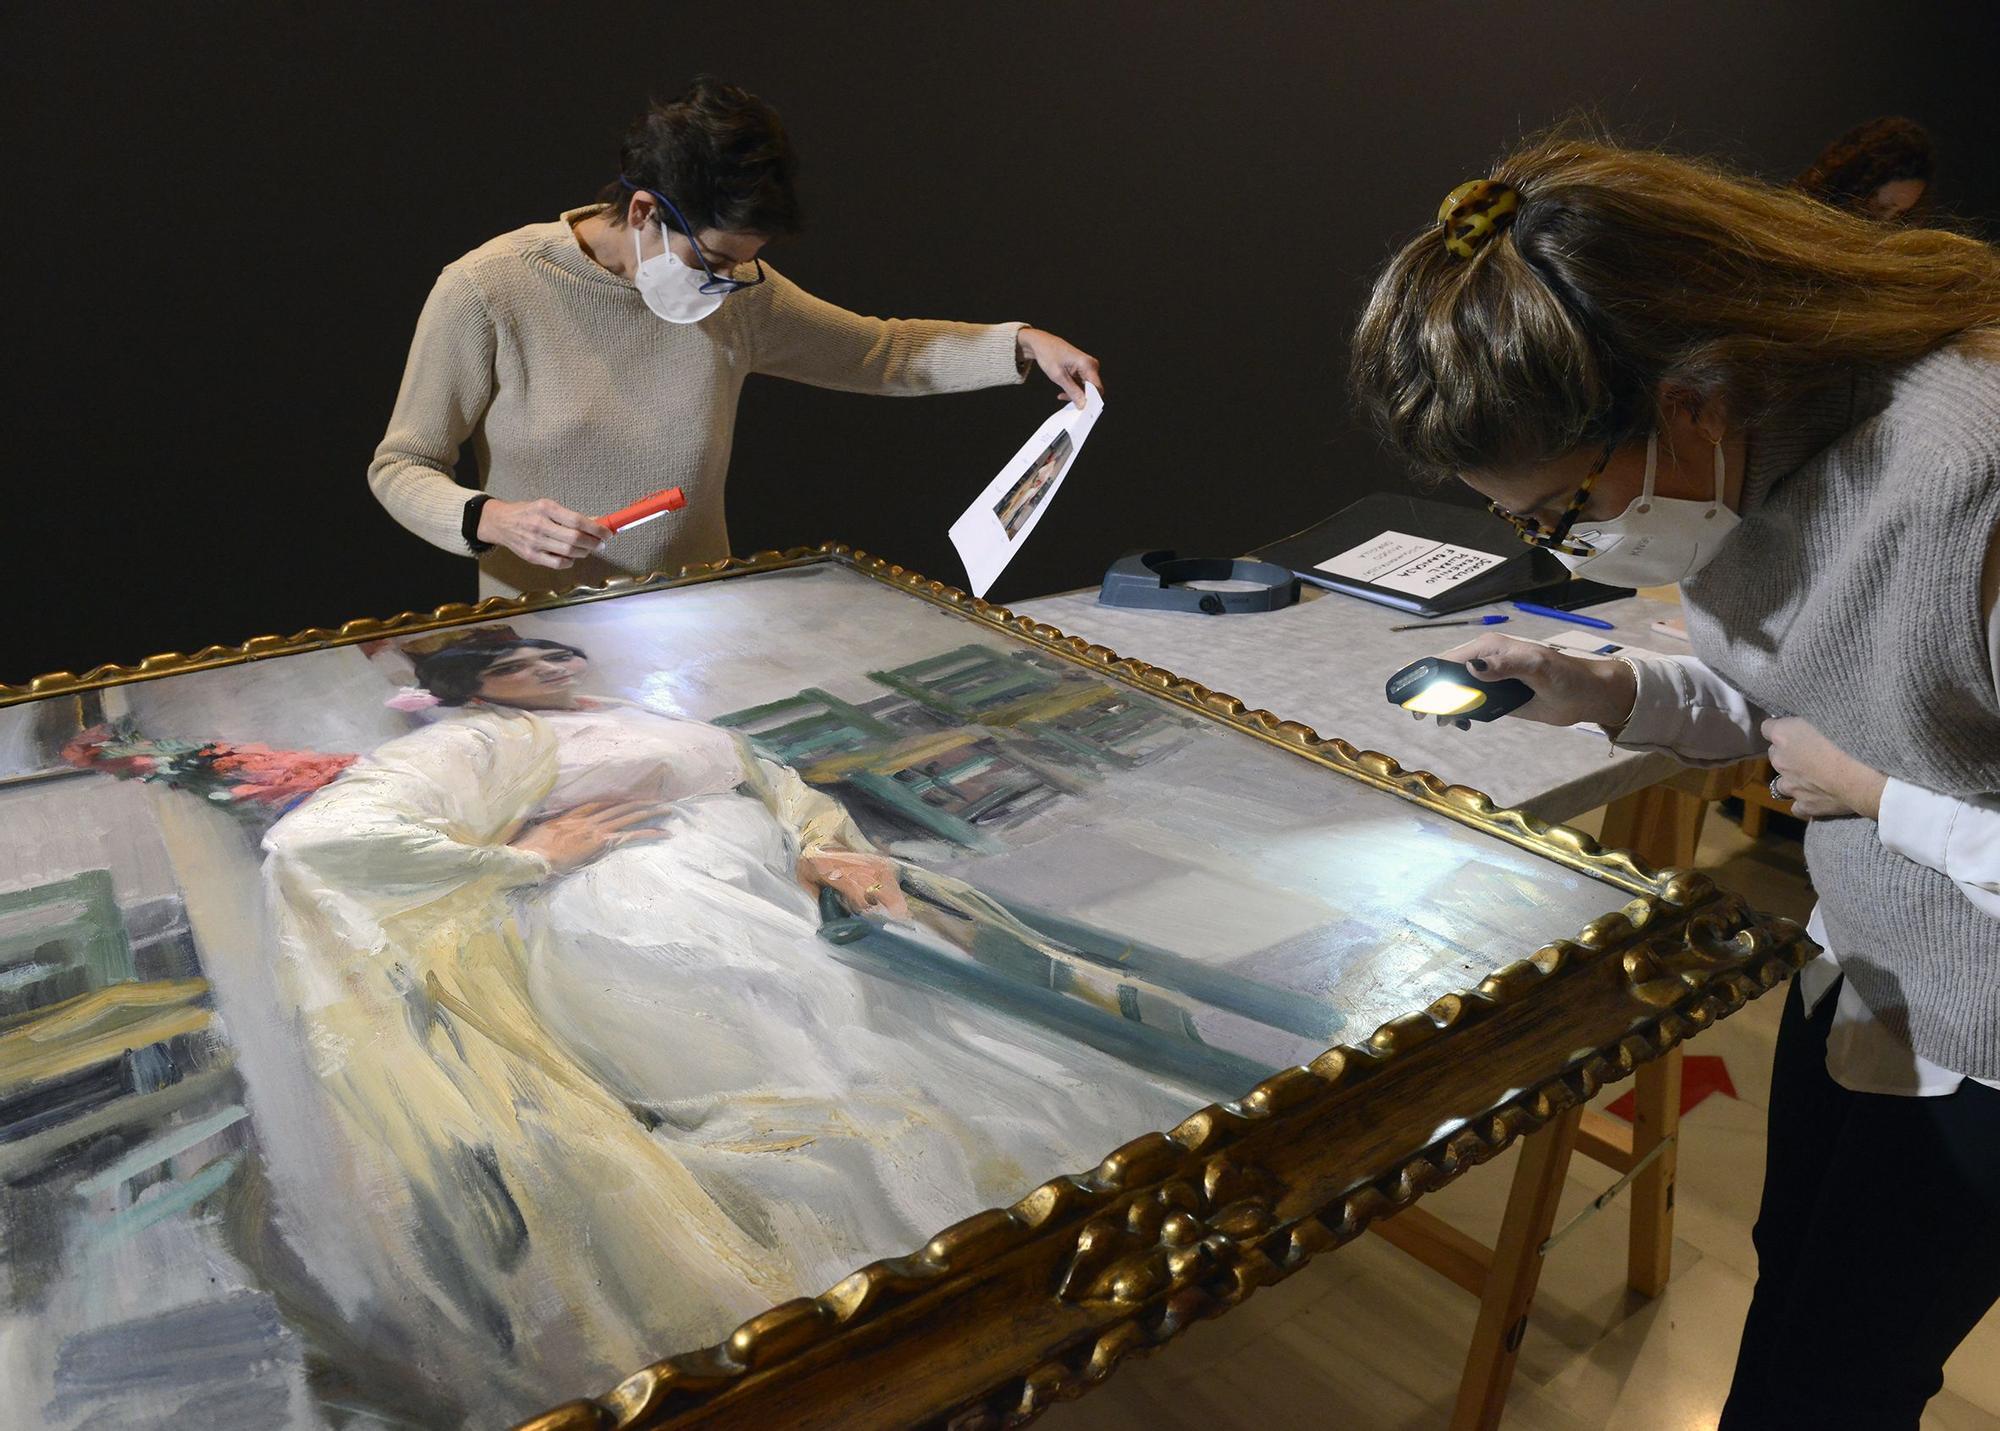 Las obras de Sorolla llega a la Fundación Bancaja para la exposición 'Femenino plural'